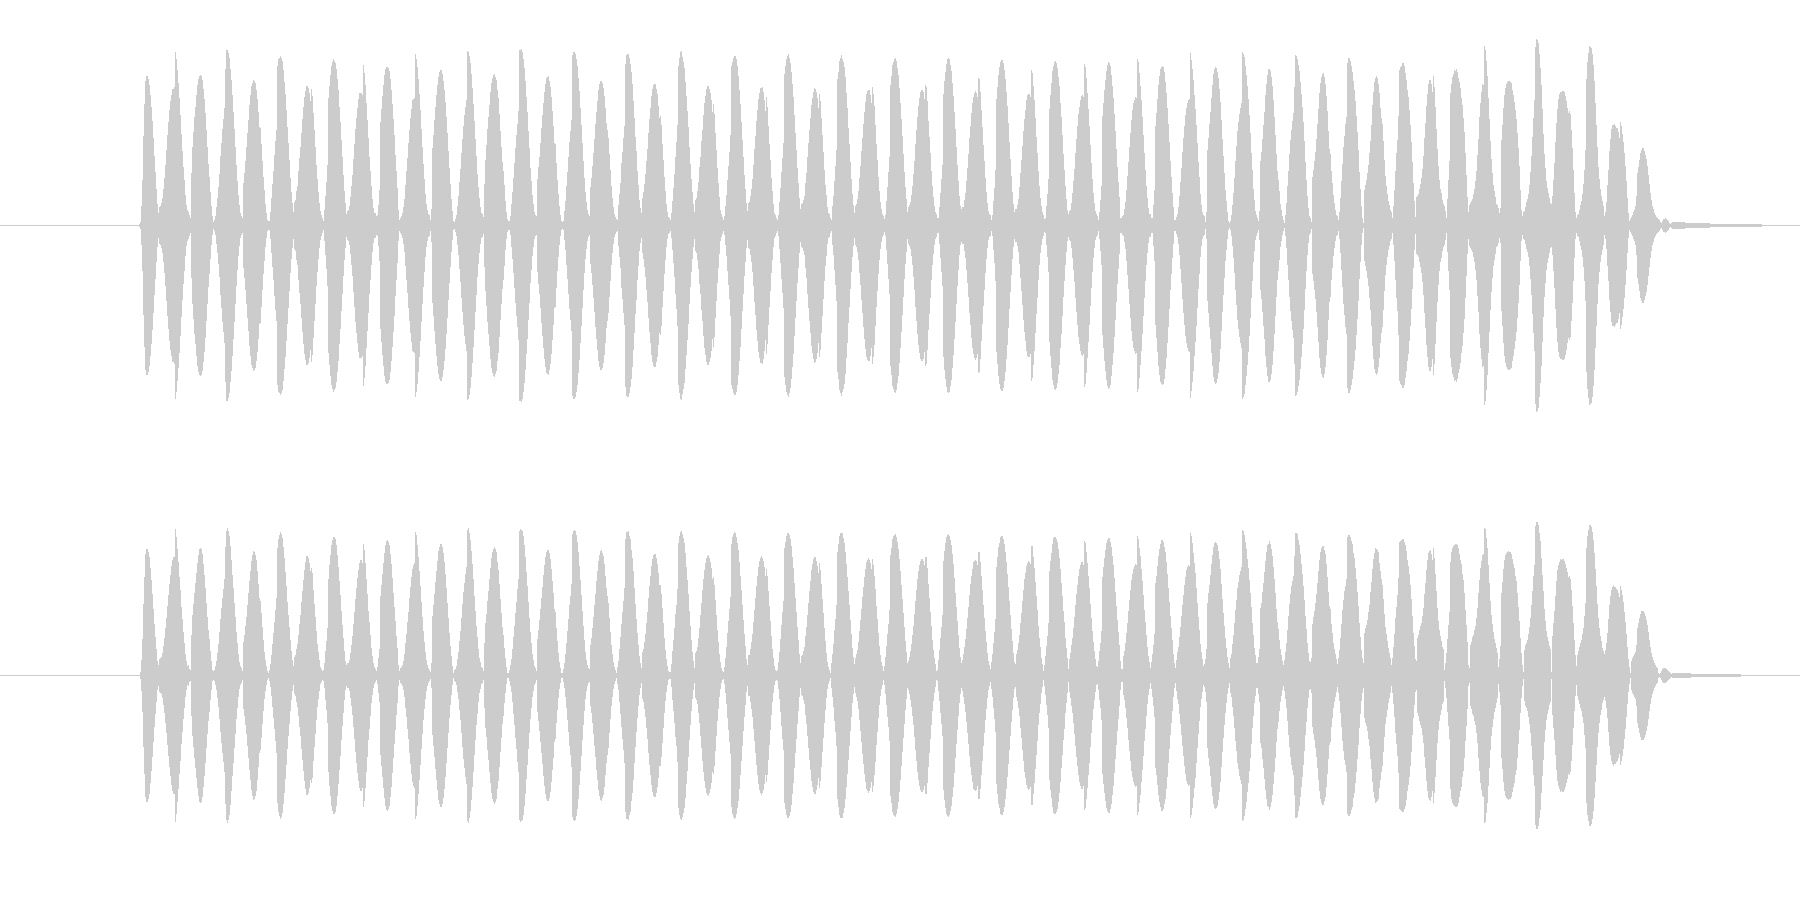 ゲーム、クイズ(ブー音)_005の未再生の波形